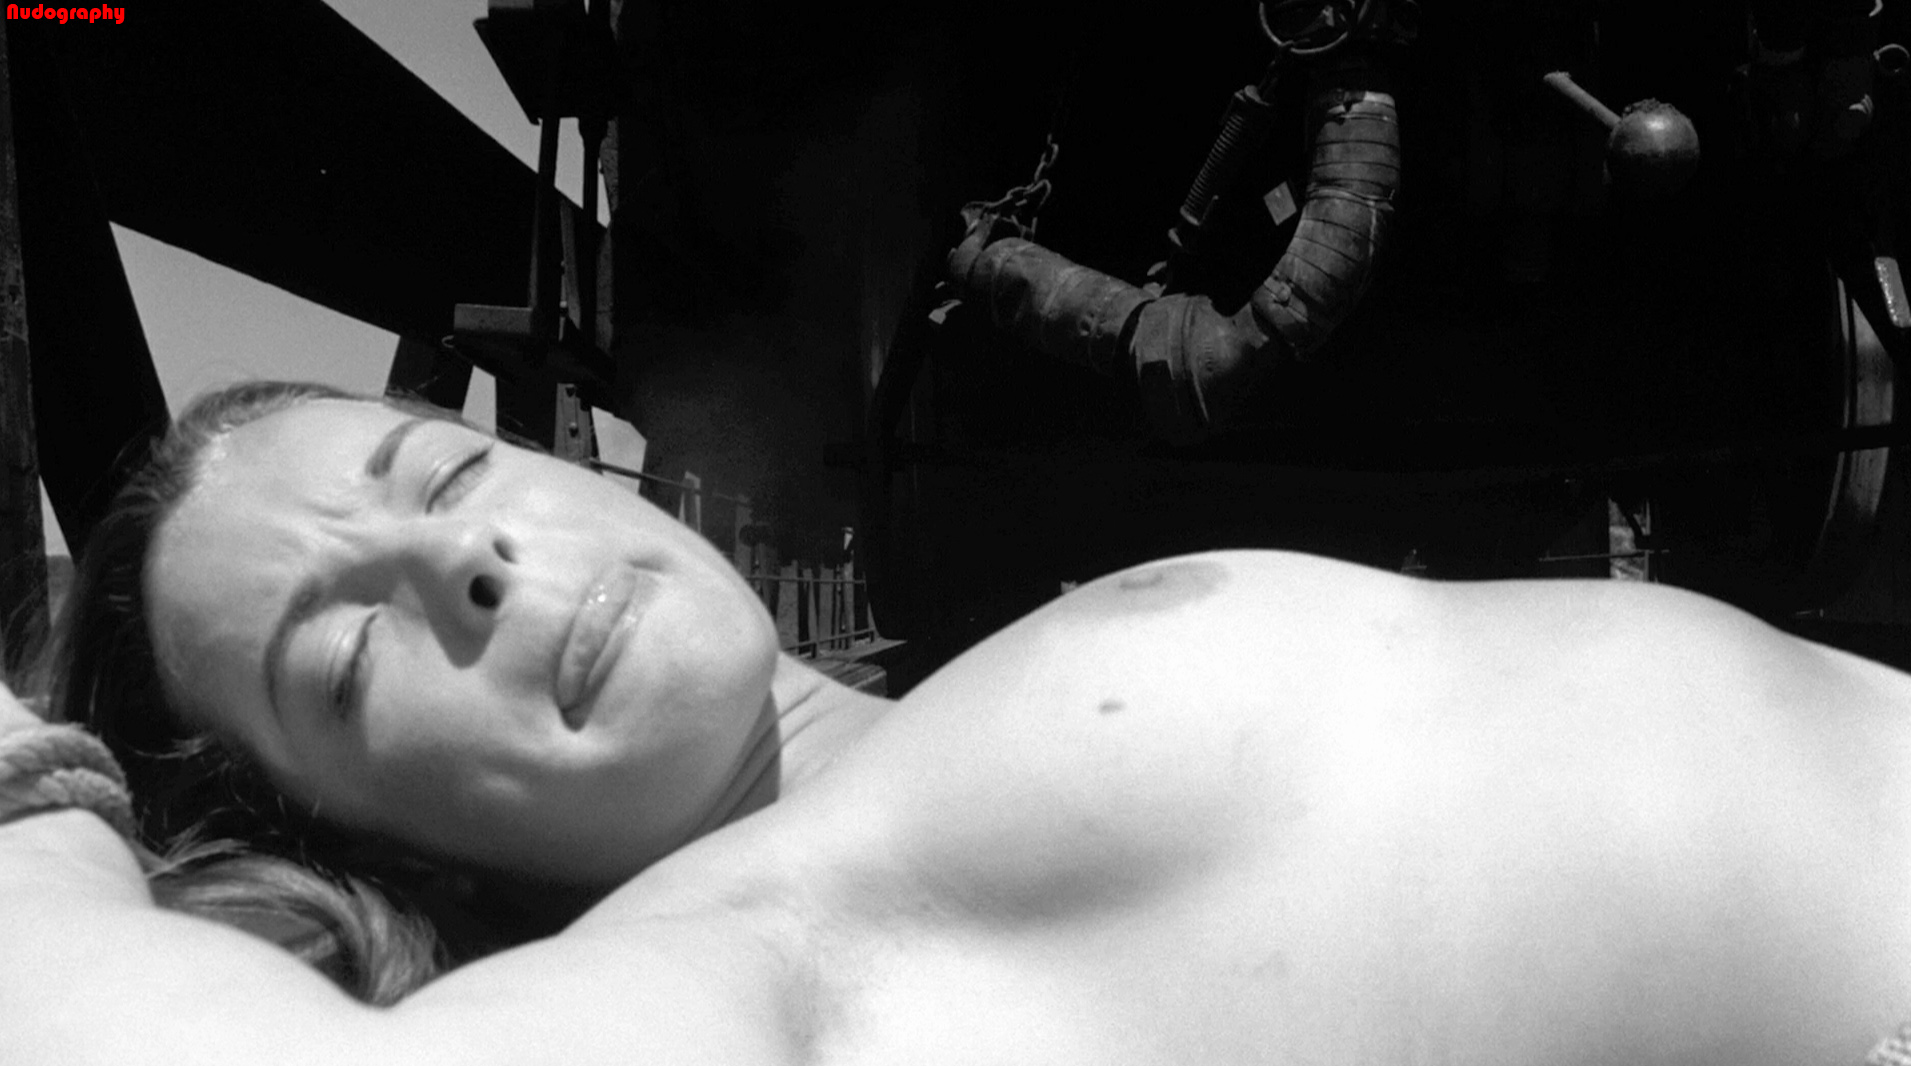 Роми швайдер голая 18 фотография